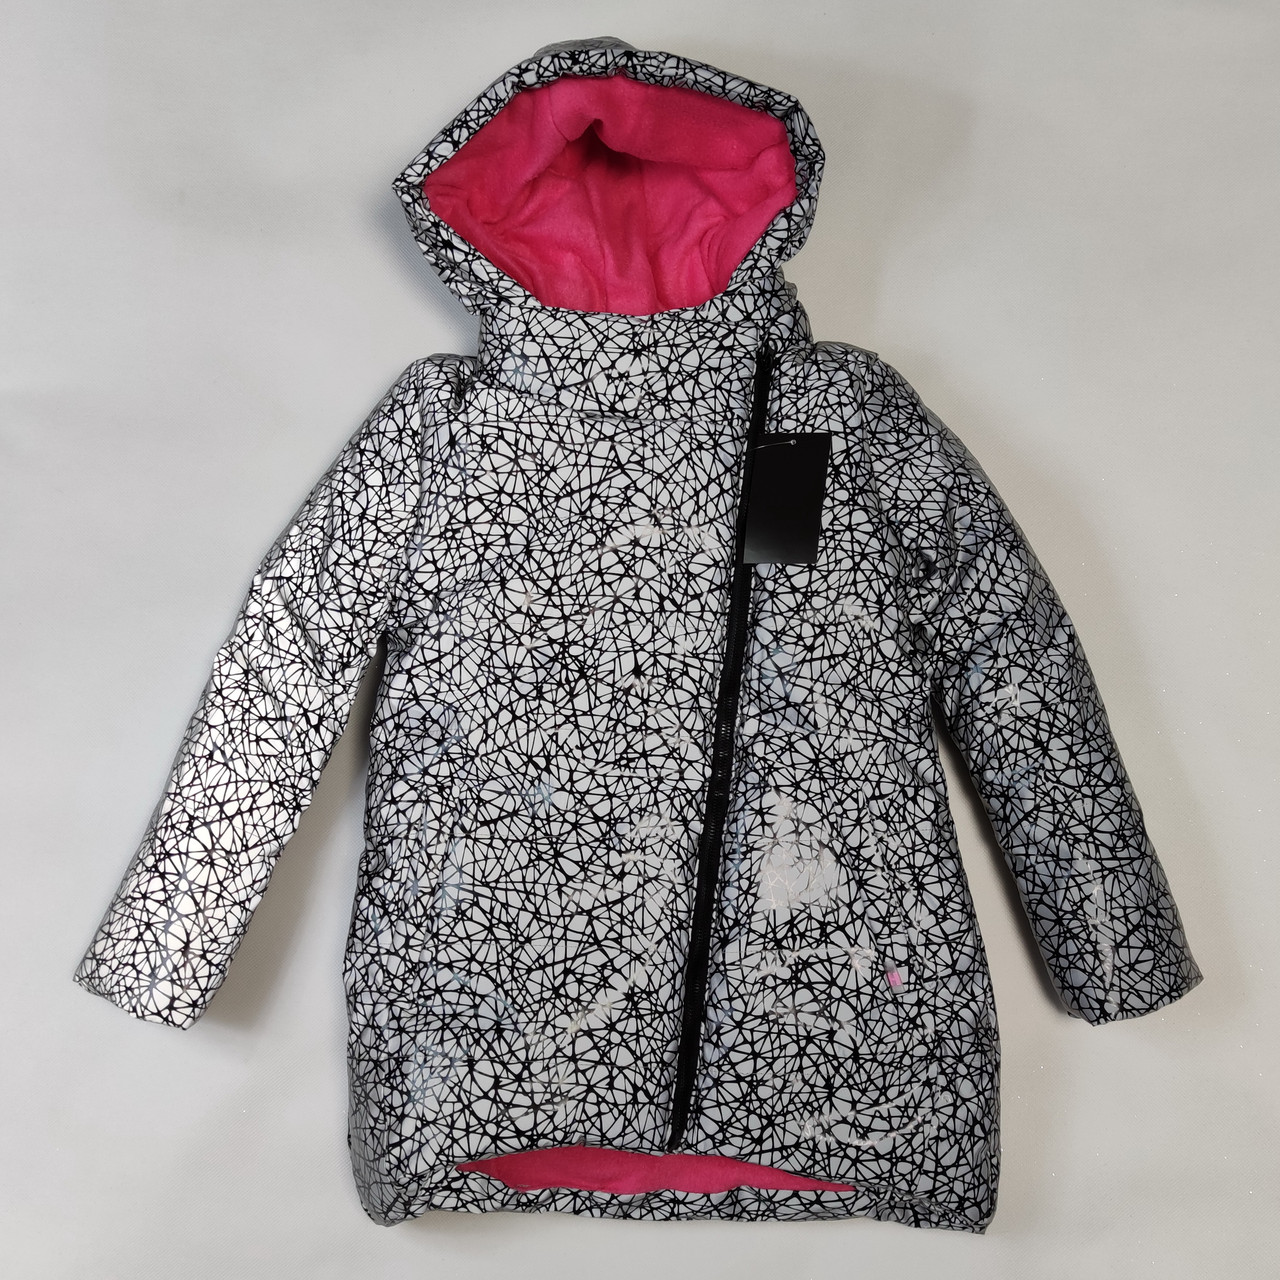 Детская теплая зимняя куртка теплая для девочки рефлективная светоотражающая на зиму серая 7-8 лет